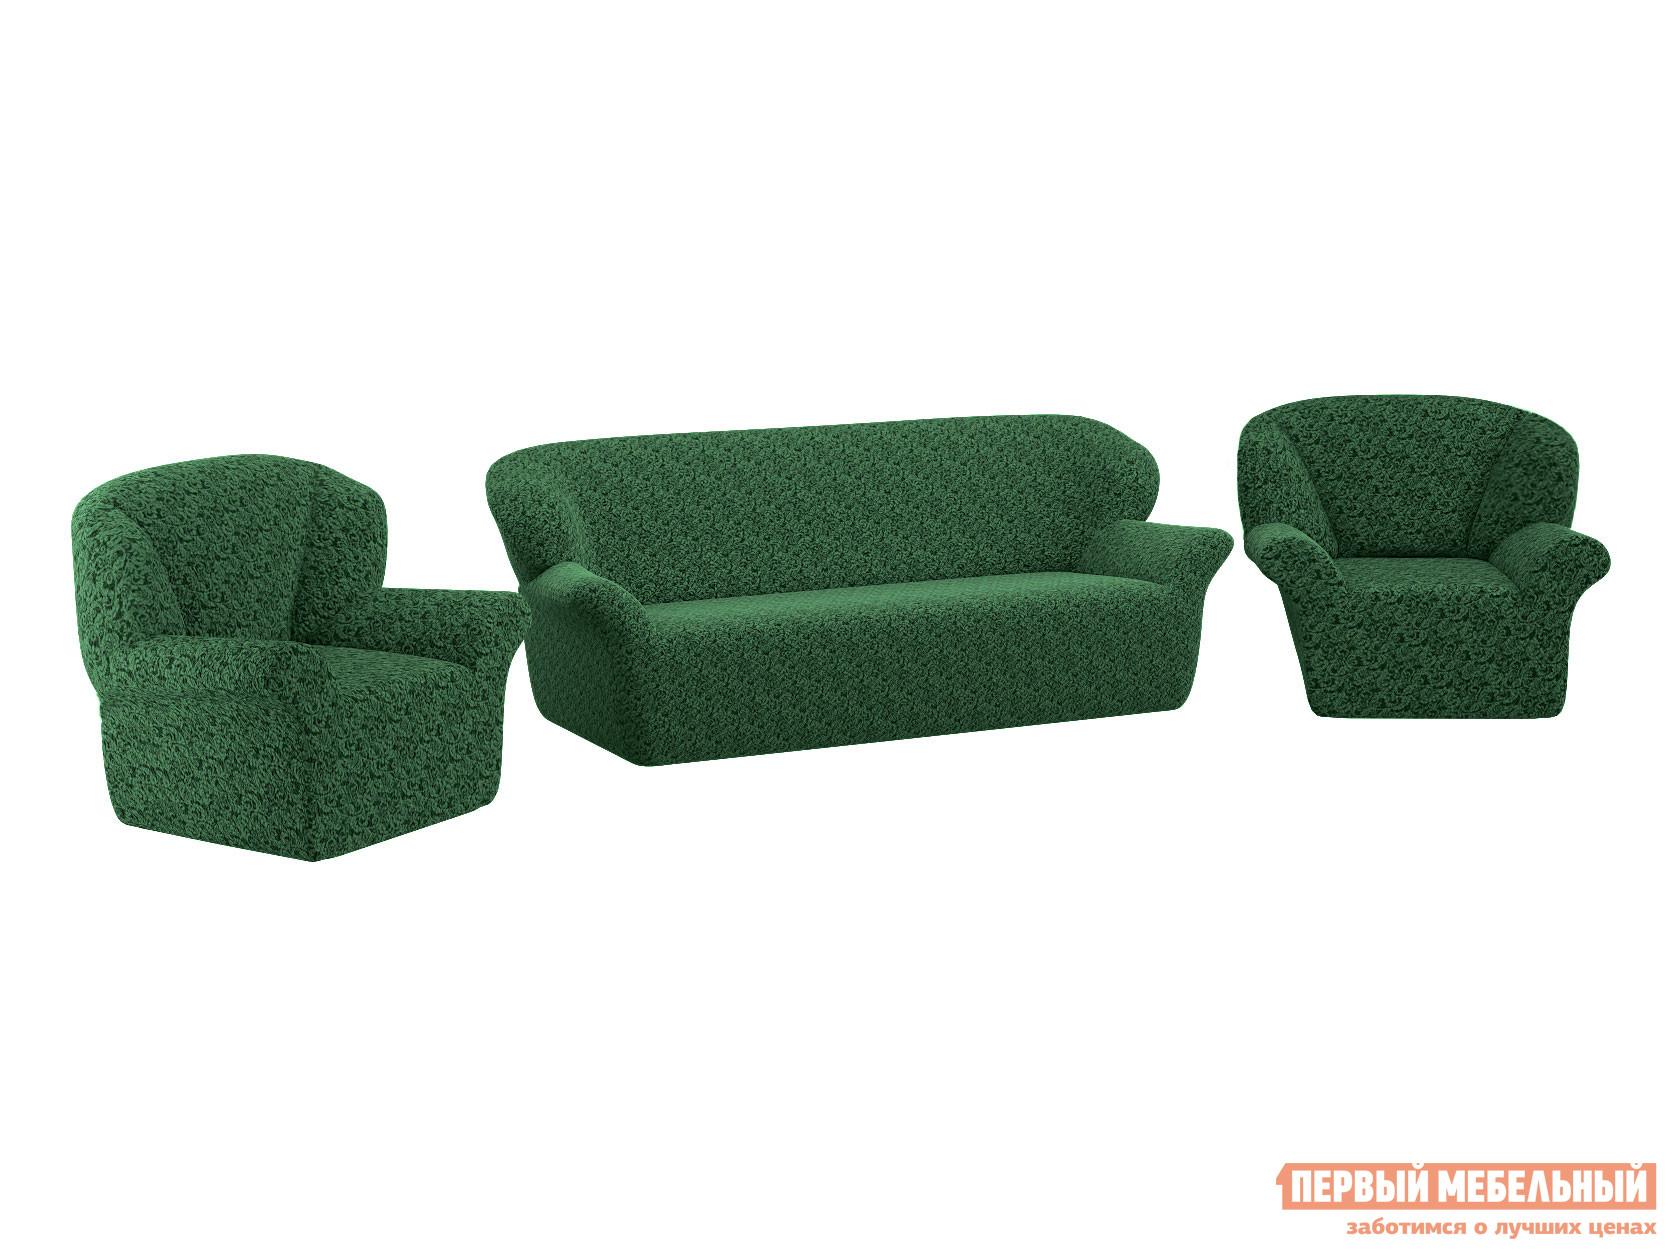 Комплект чехлов Первый Мебельный Чехол на трехместный диван и два кресла жаккард без юбки